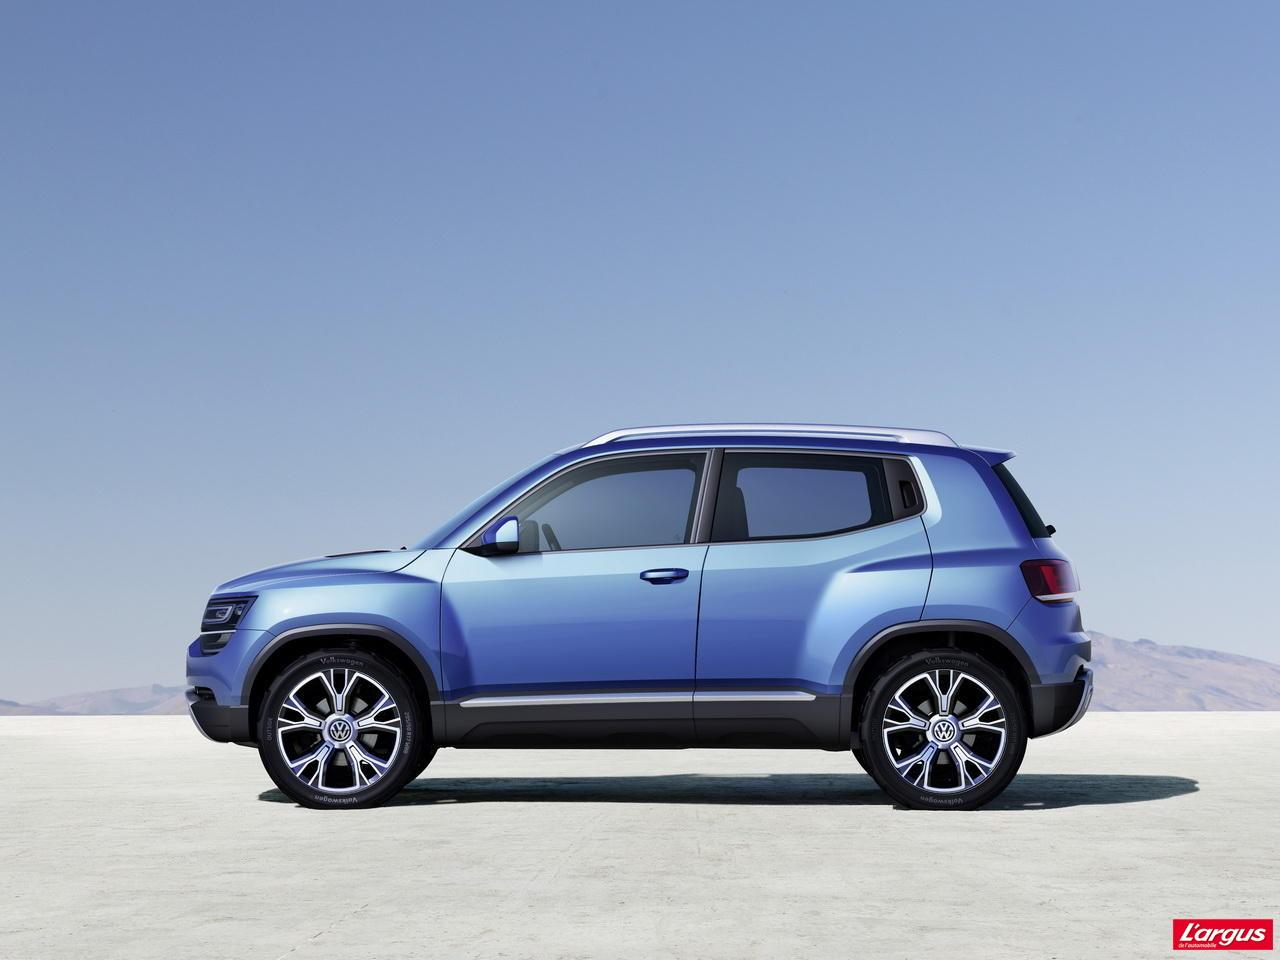 Volkswagen Se Lance Dans Le Mini SUV Avec Le Taigun Largus - Suv 3 portes